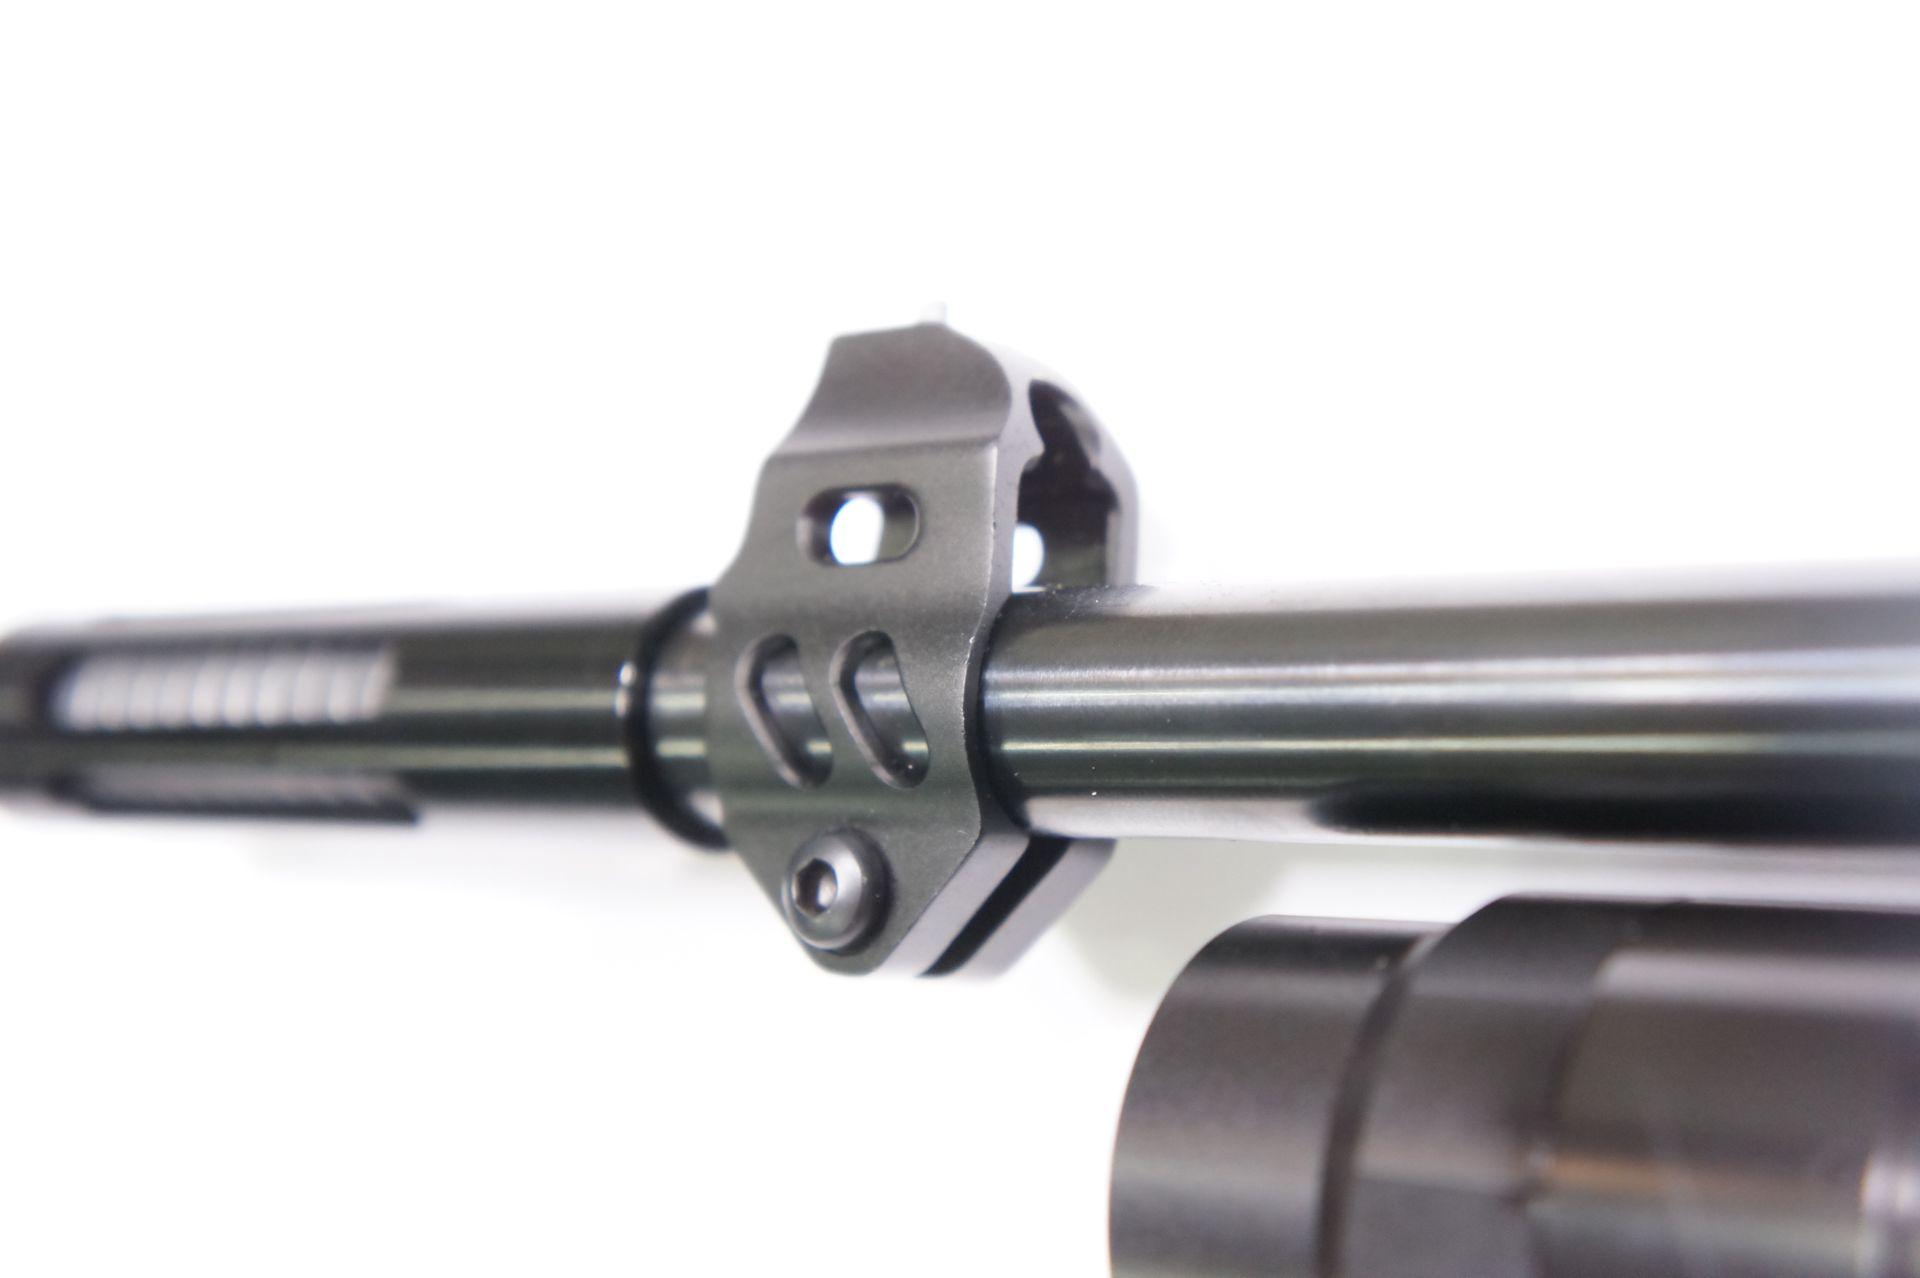 Luftgewehr Weihrauch HW 110 carbine mit dem <a href=1165810.htm> Kompensator mit Längsschlitzen</a>.